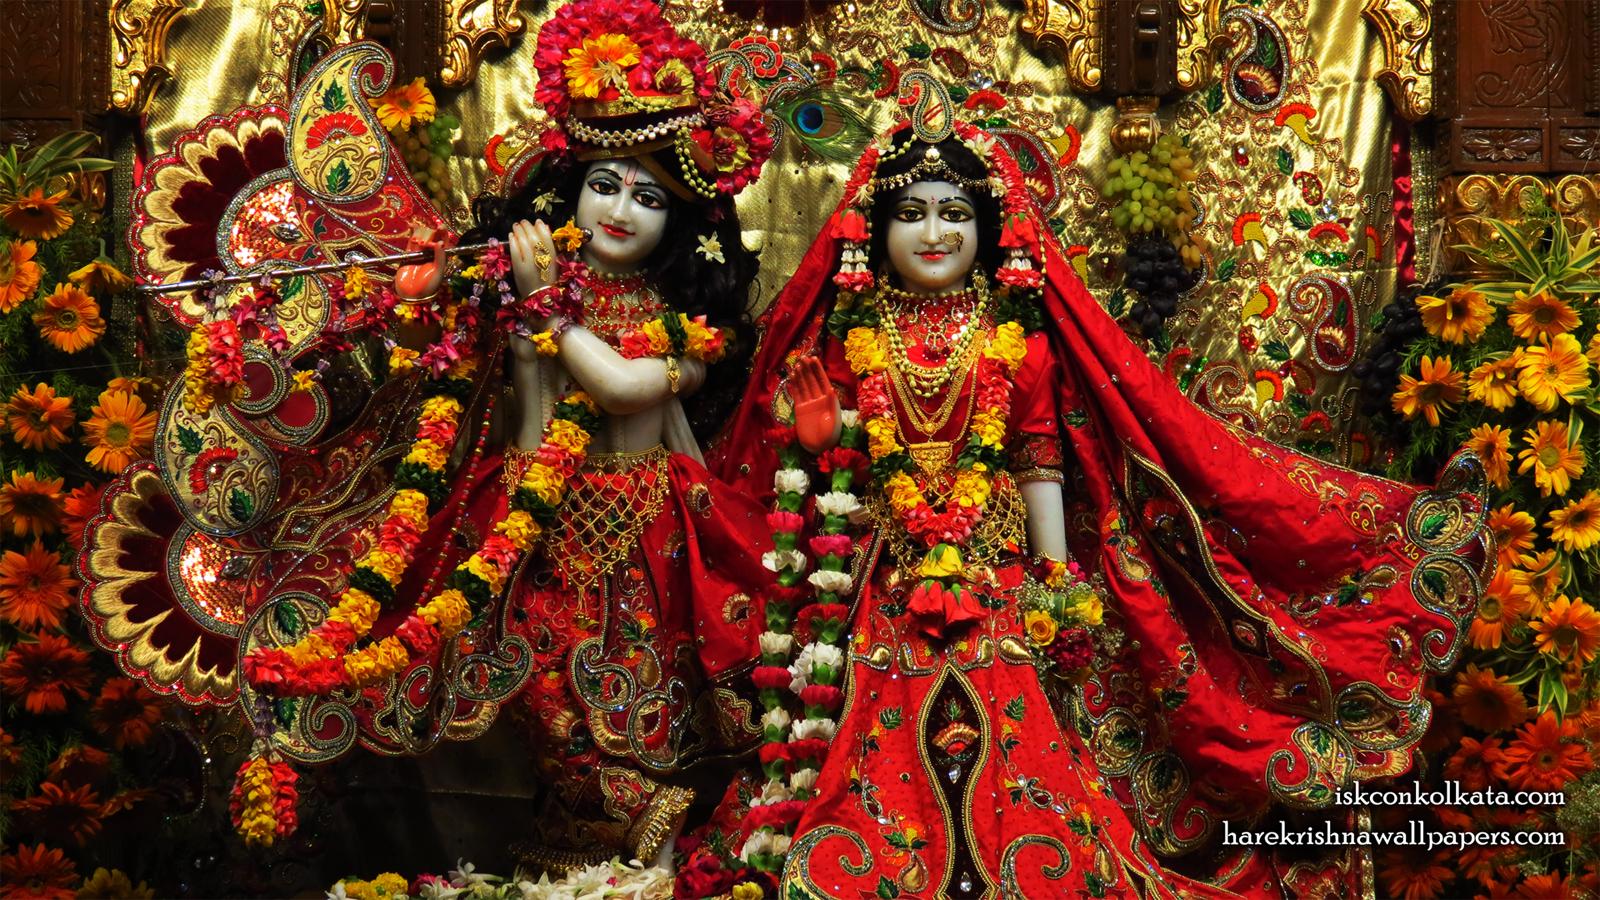 Sri Sri Radha Govinda Wallpaper (003) Size 1600x900 Download